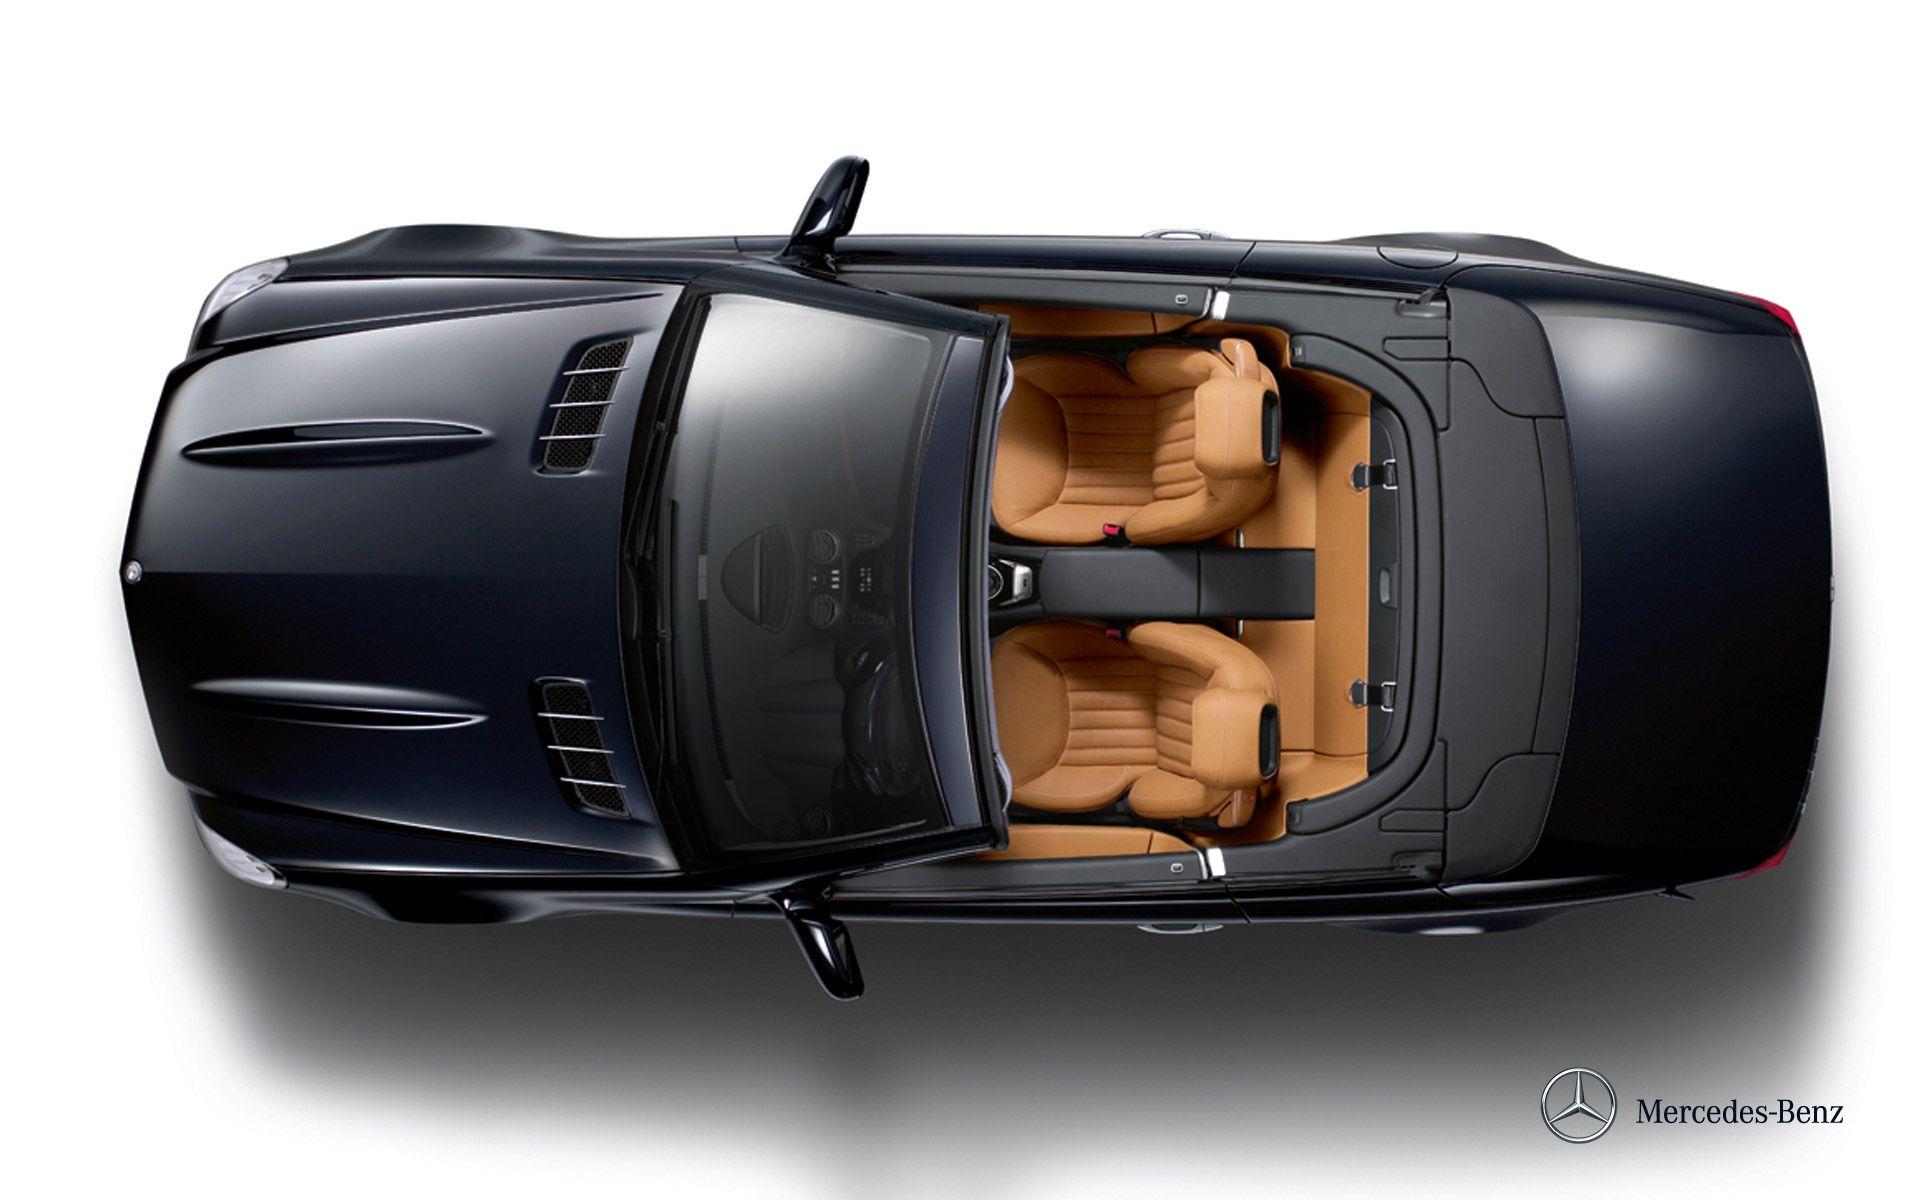 Sl 500 Exterior Topview Car Top View Black Mercedes Benz Mercedes Benz